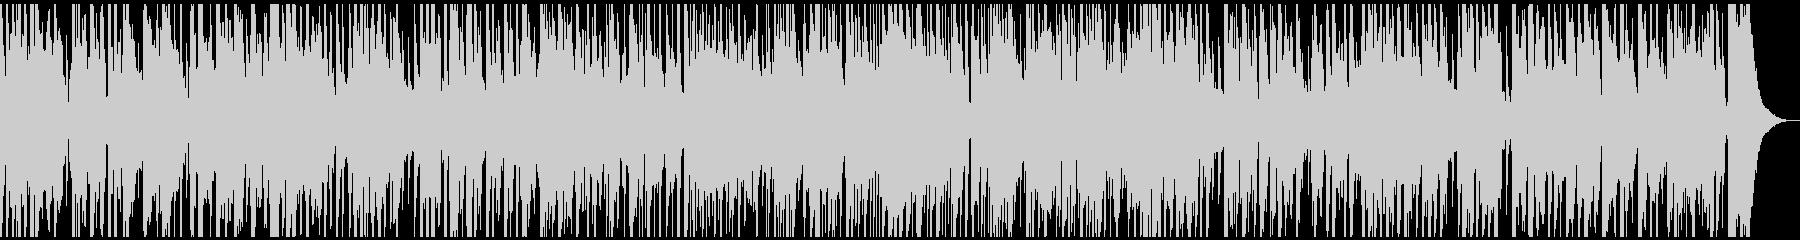 生音バイオリンとマンドリンの軽快ワルツの未再生の波形